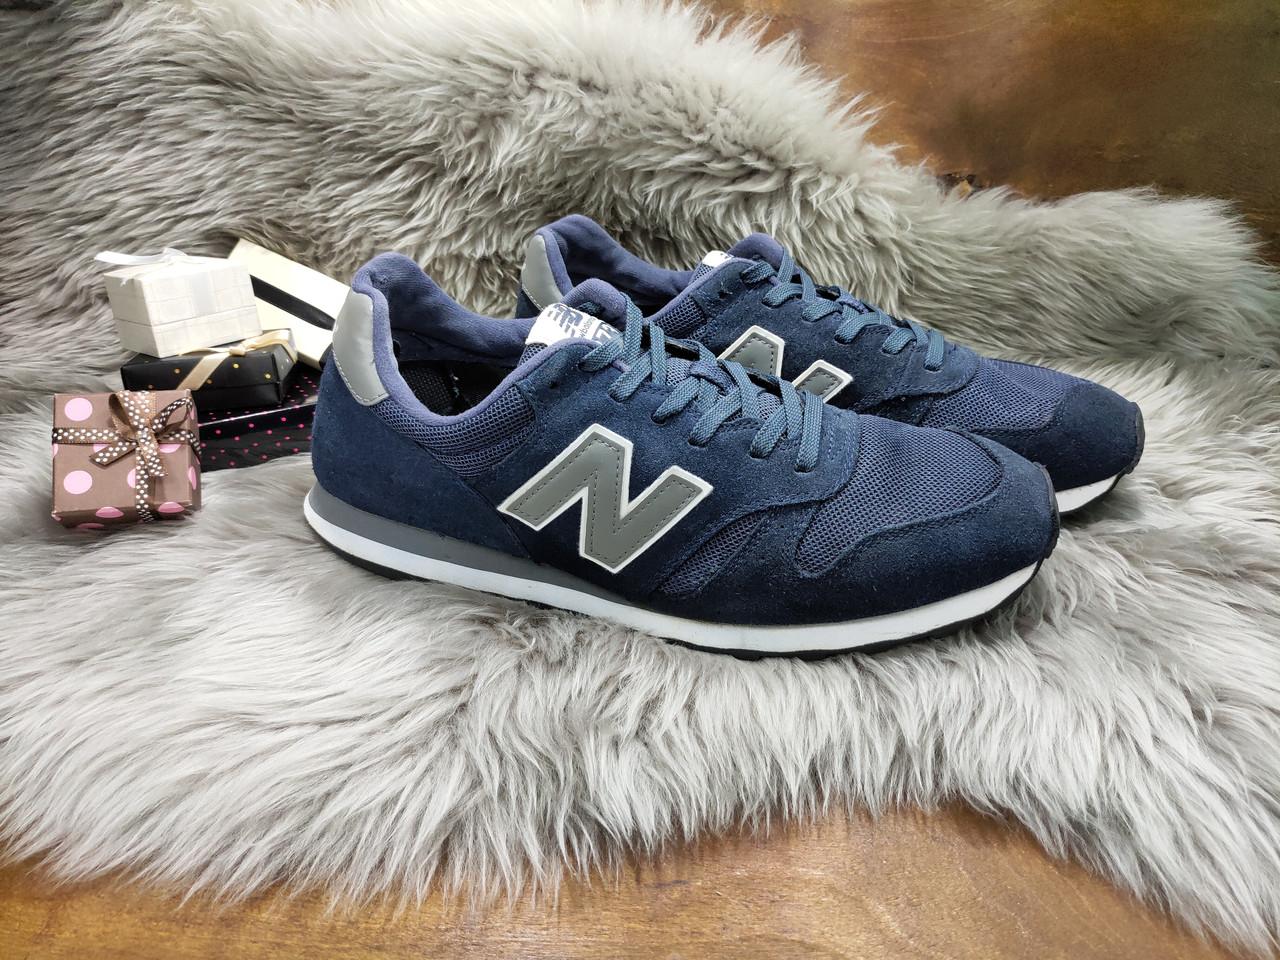 Мужские кроссовки New Balance 373 (44 размер) бу